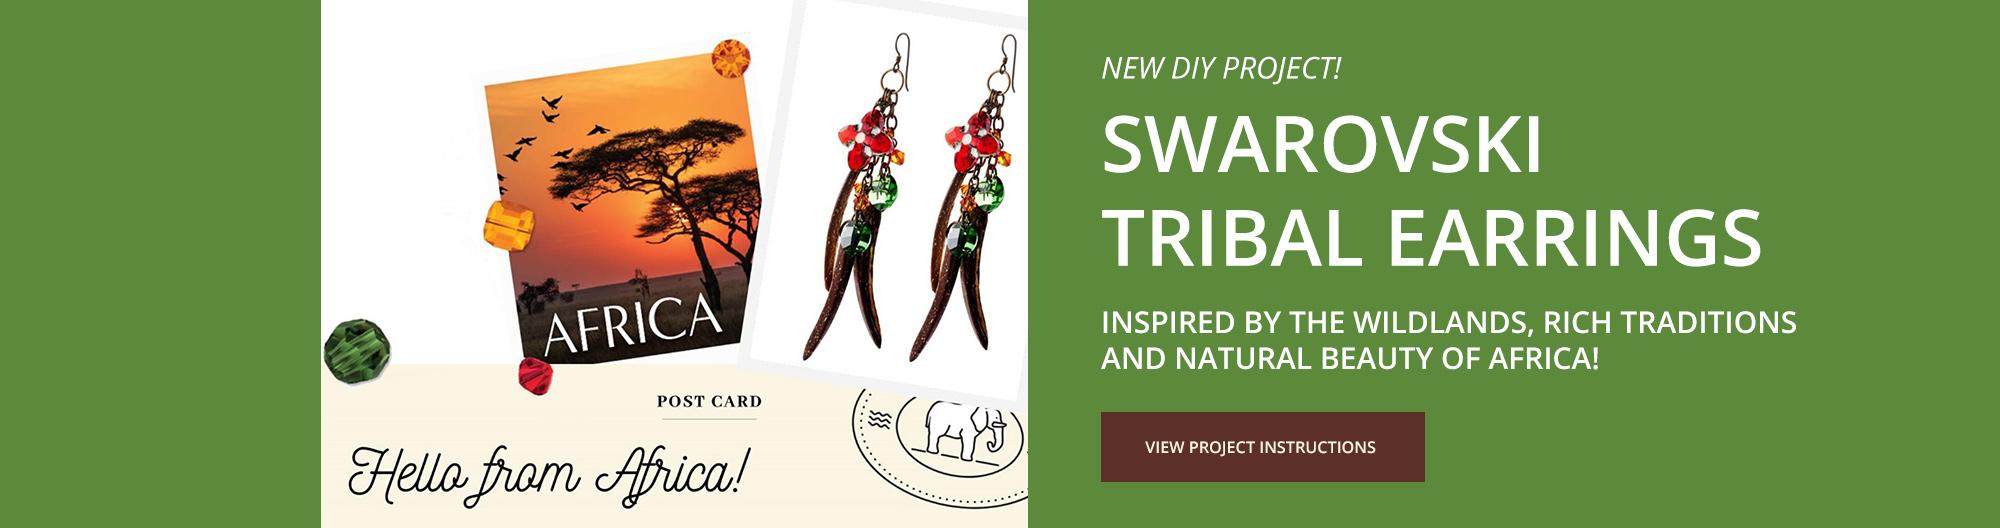 Swarovski DIY Project - Tribal Earrings